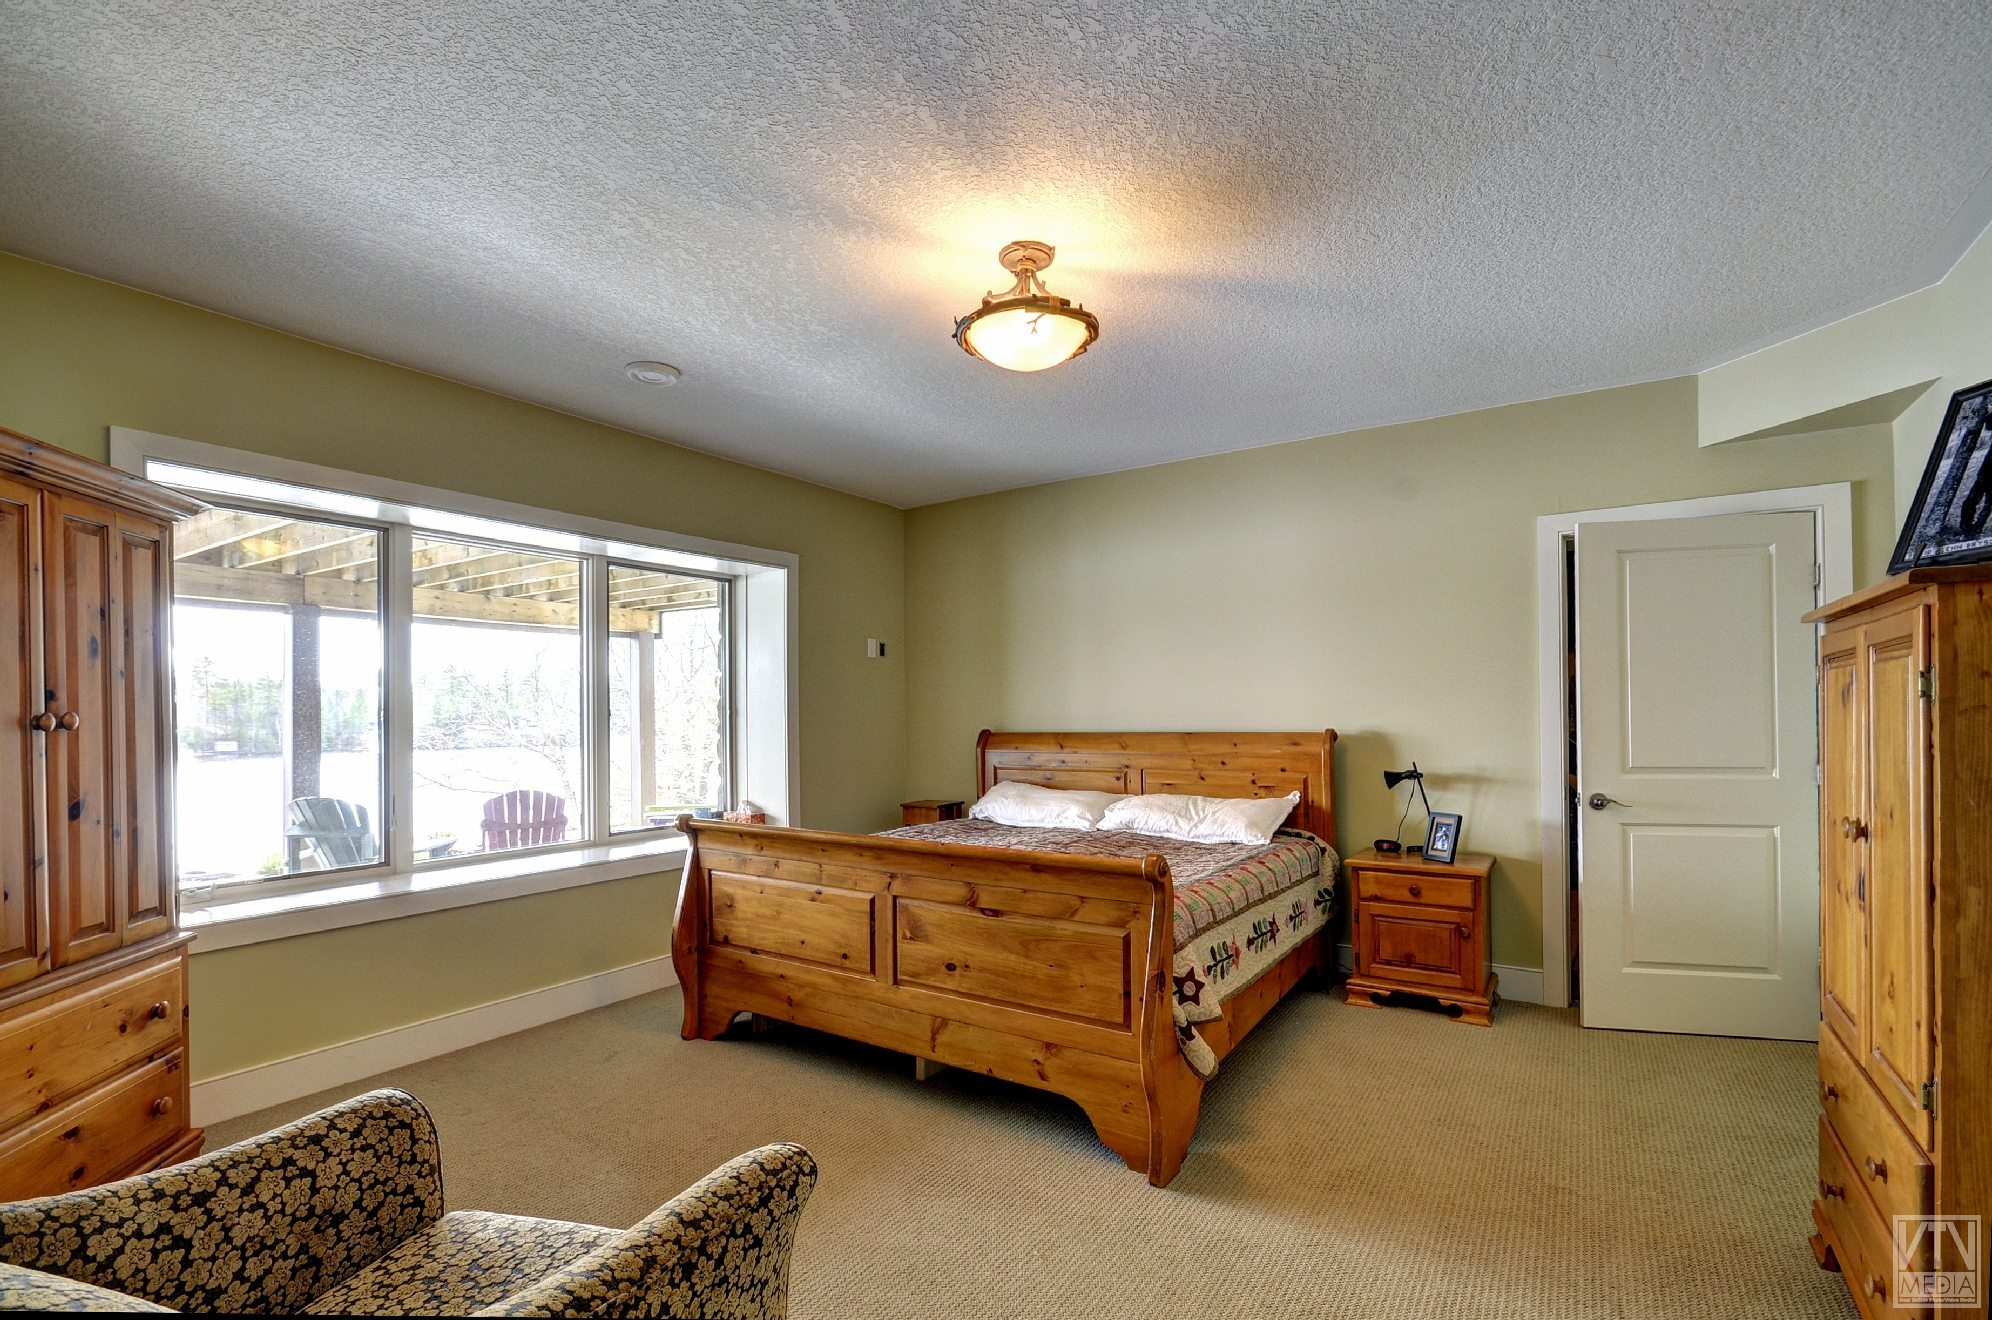 severn-cottage-for-sale-4289-delta-road-west-8